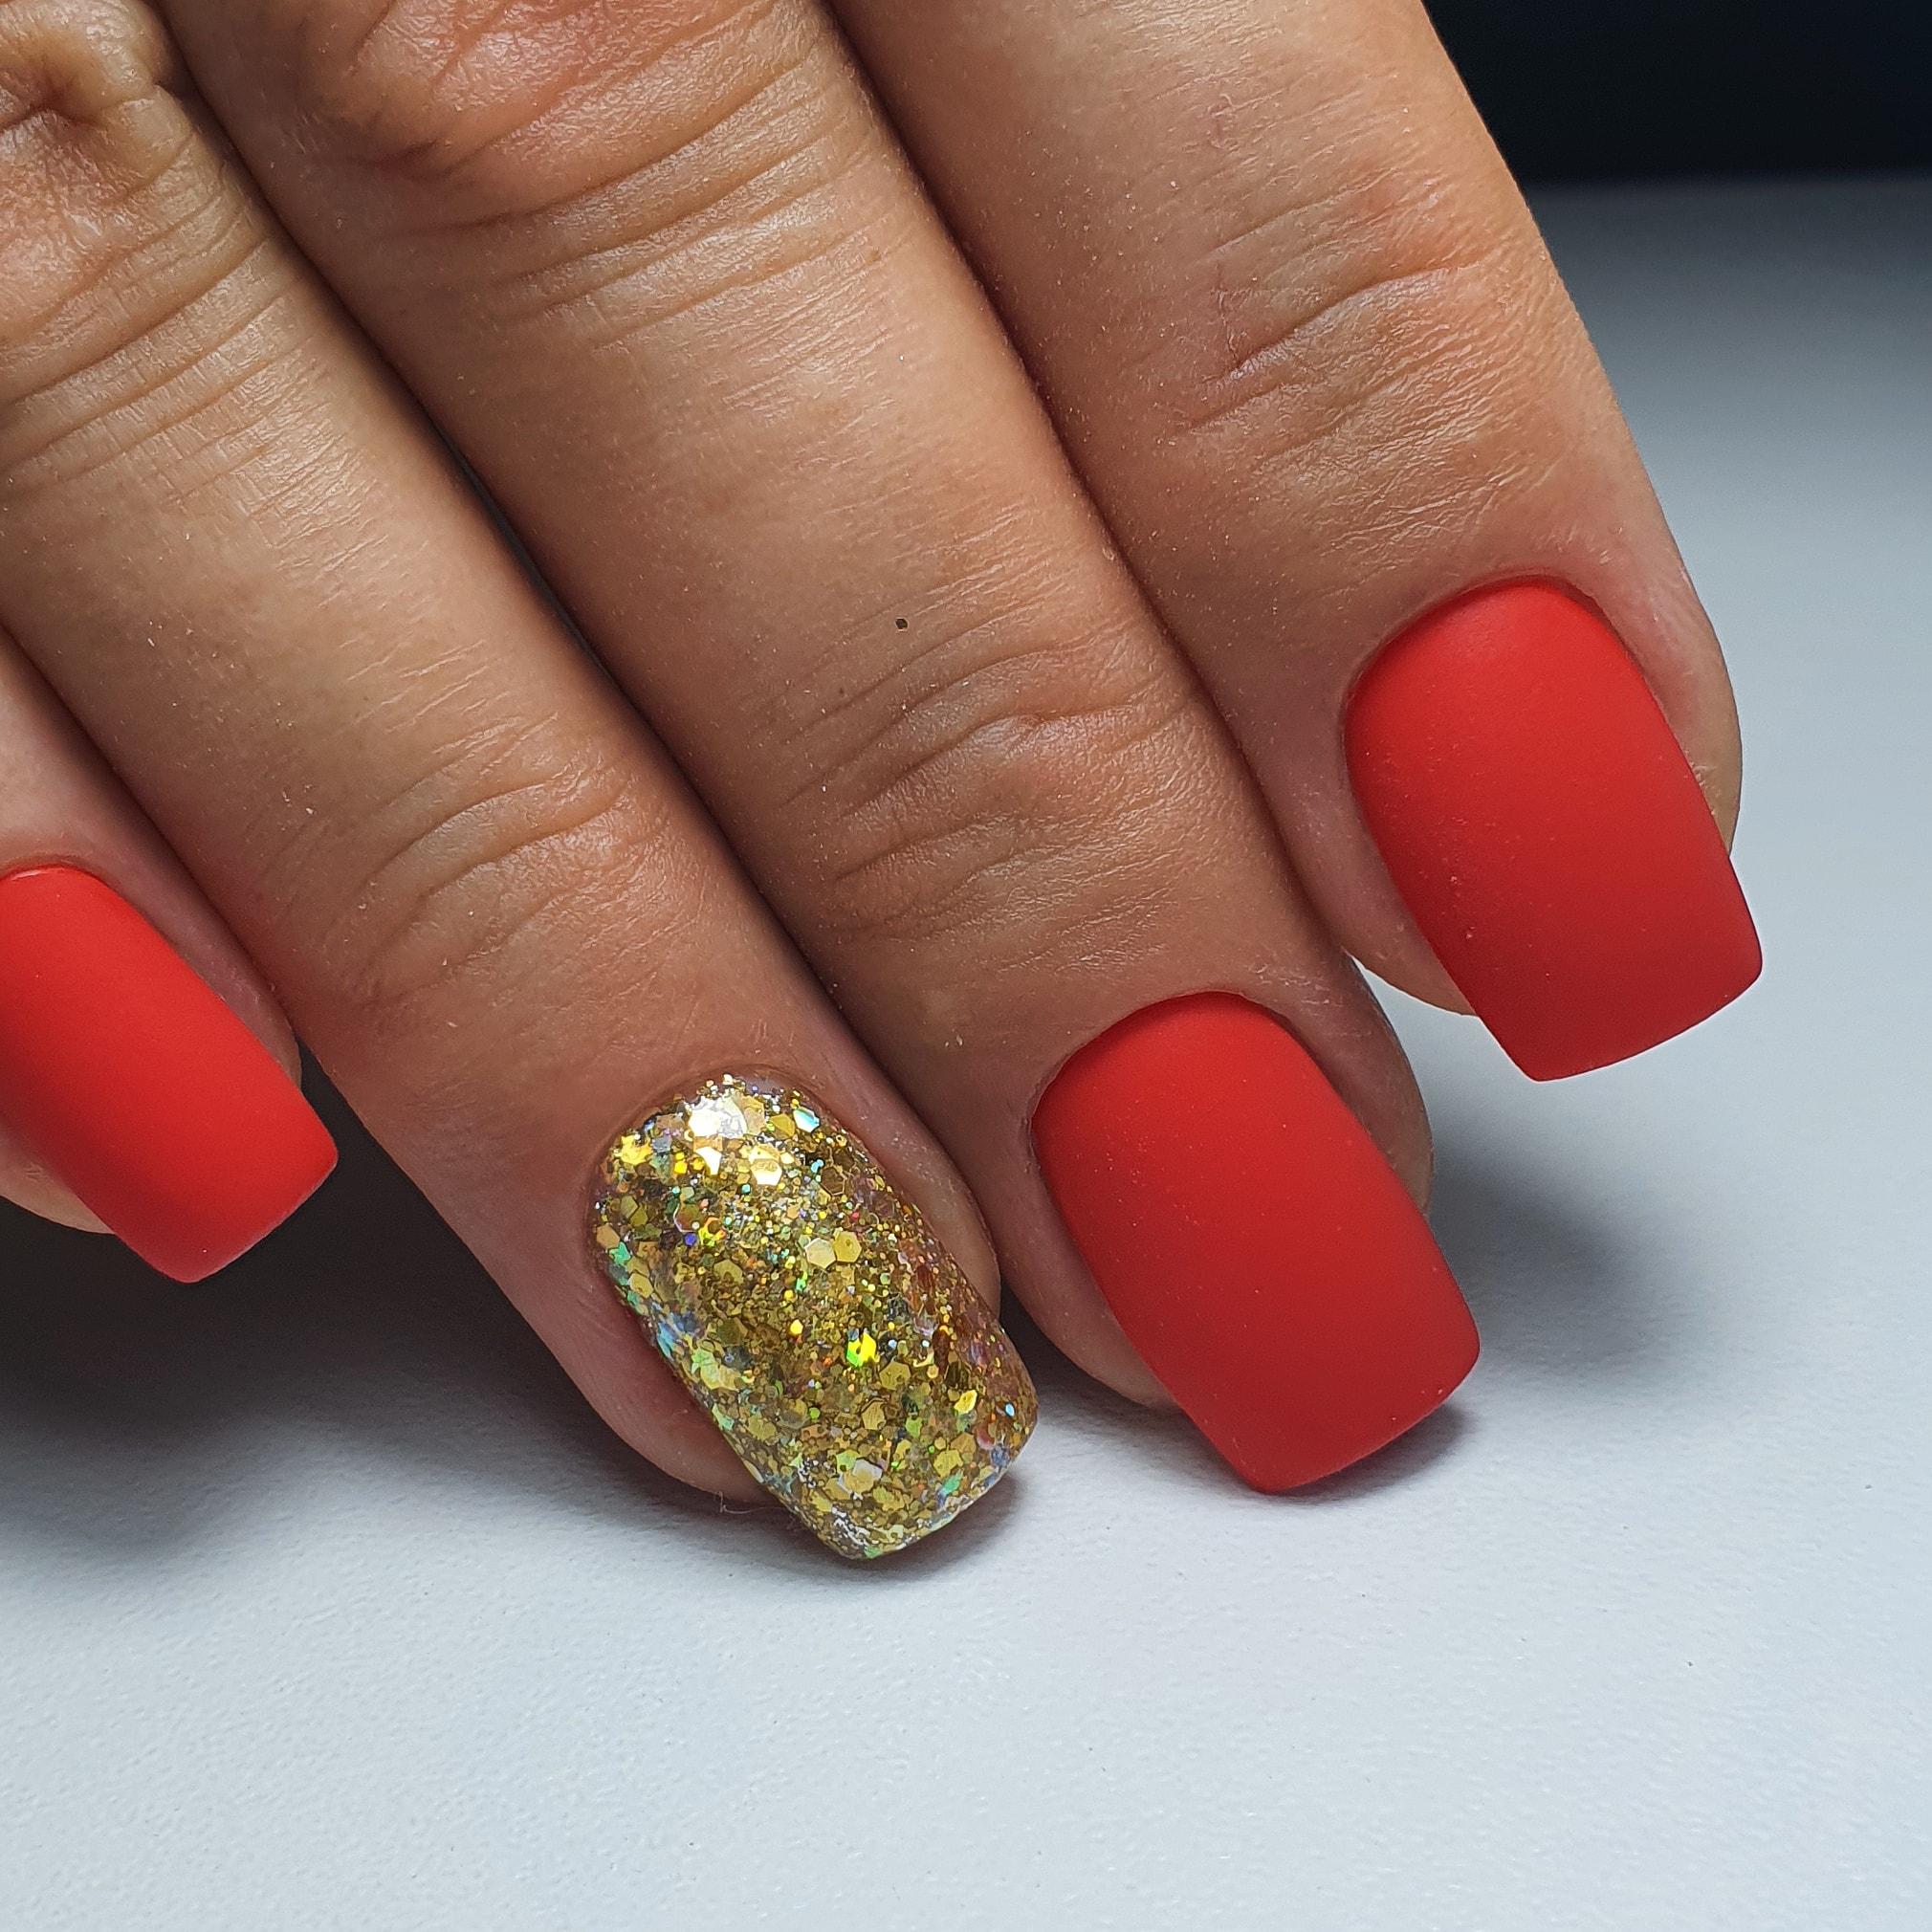 Матовый маникюр с золотыми камифубуки в красном цвете на короткие ногти.